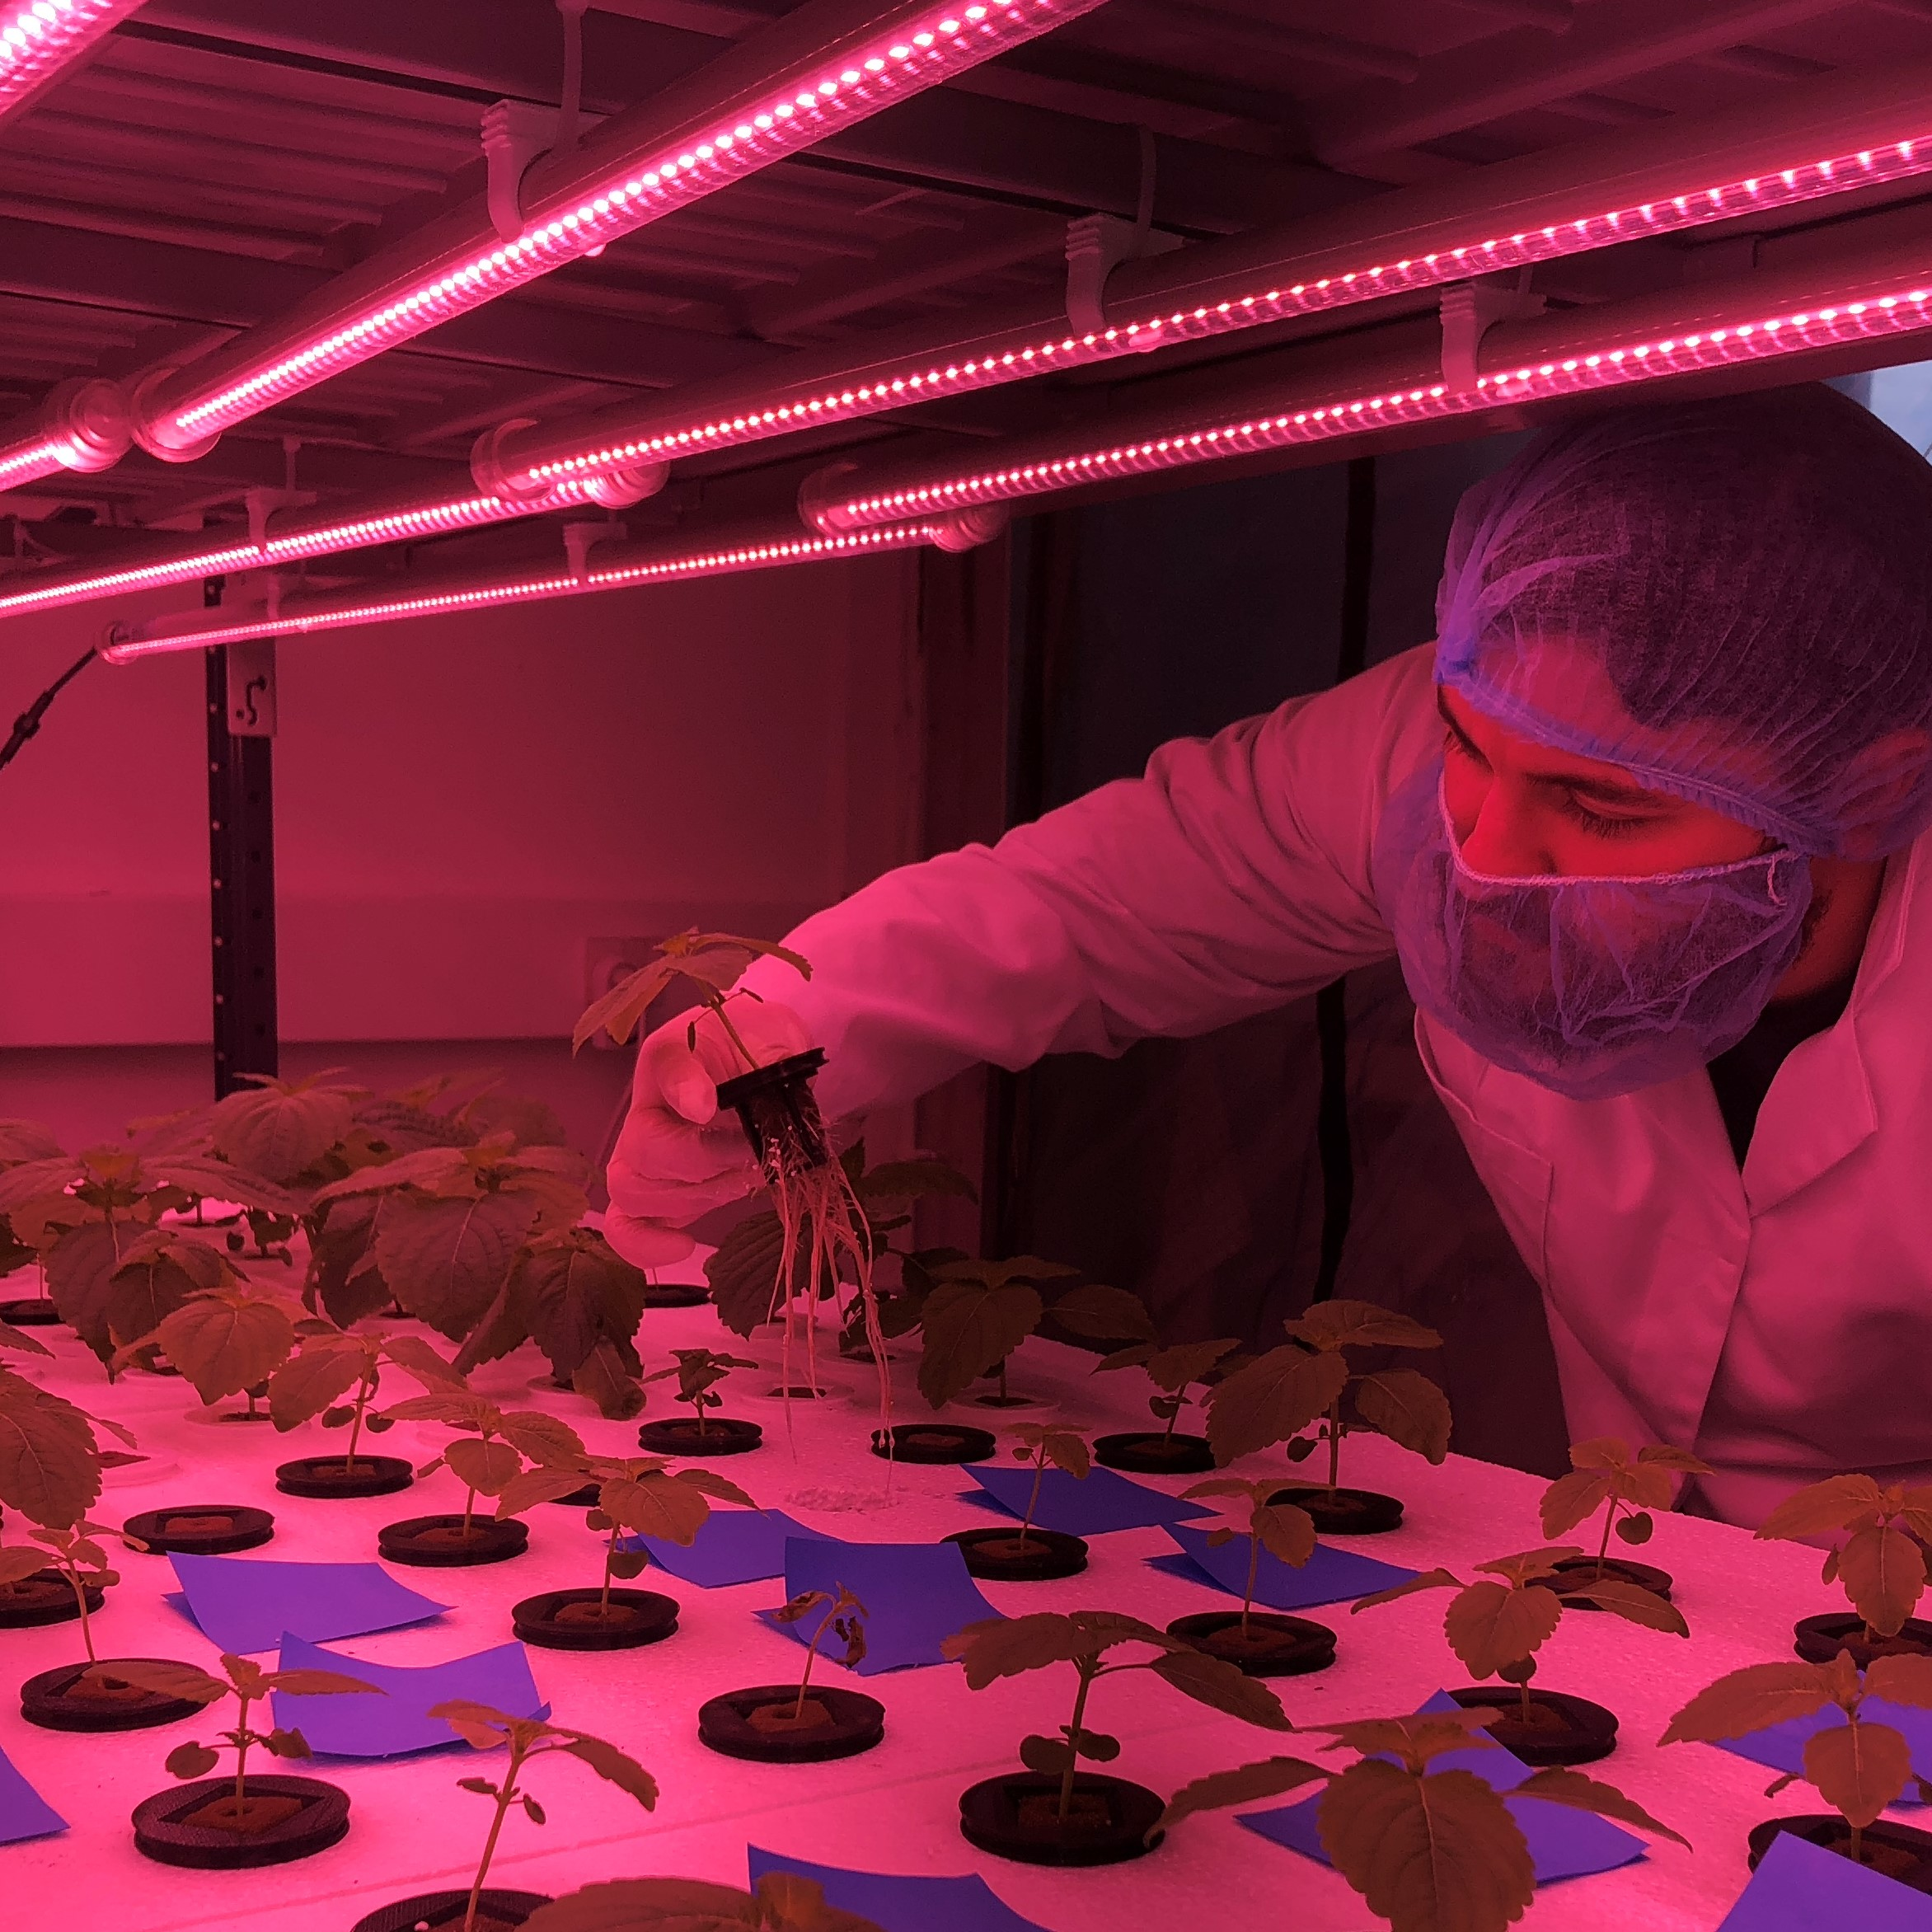 Servet undersøger rødderne på vores  koreanske perilla